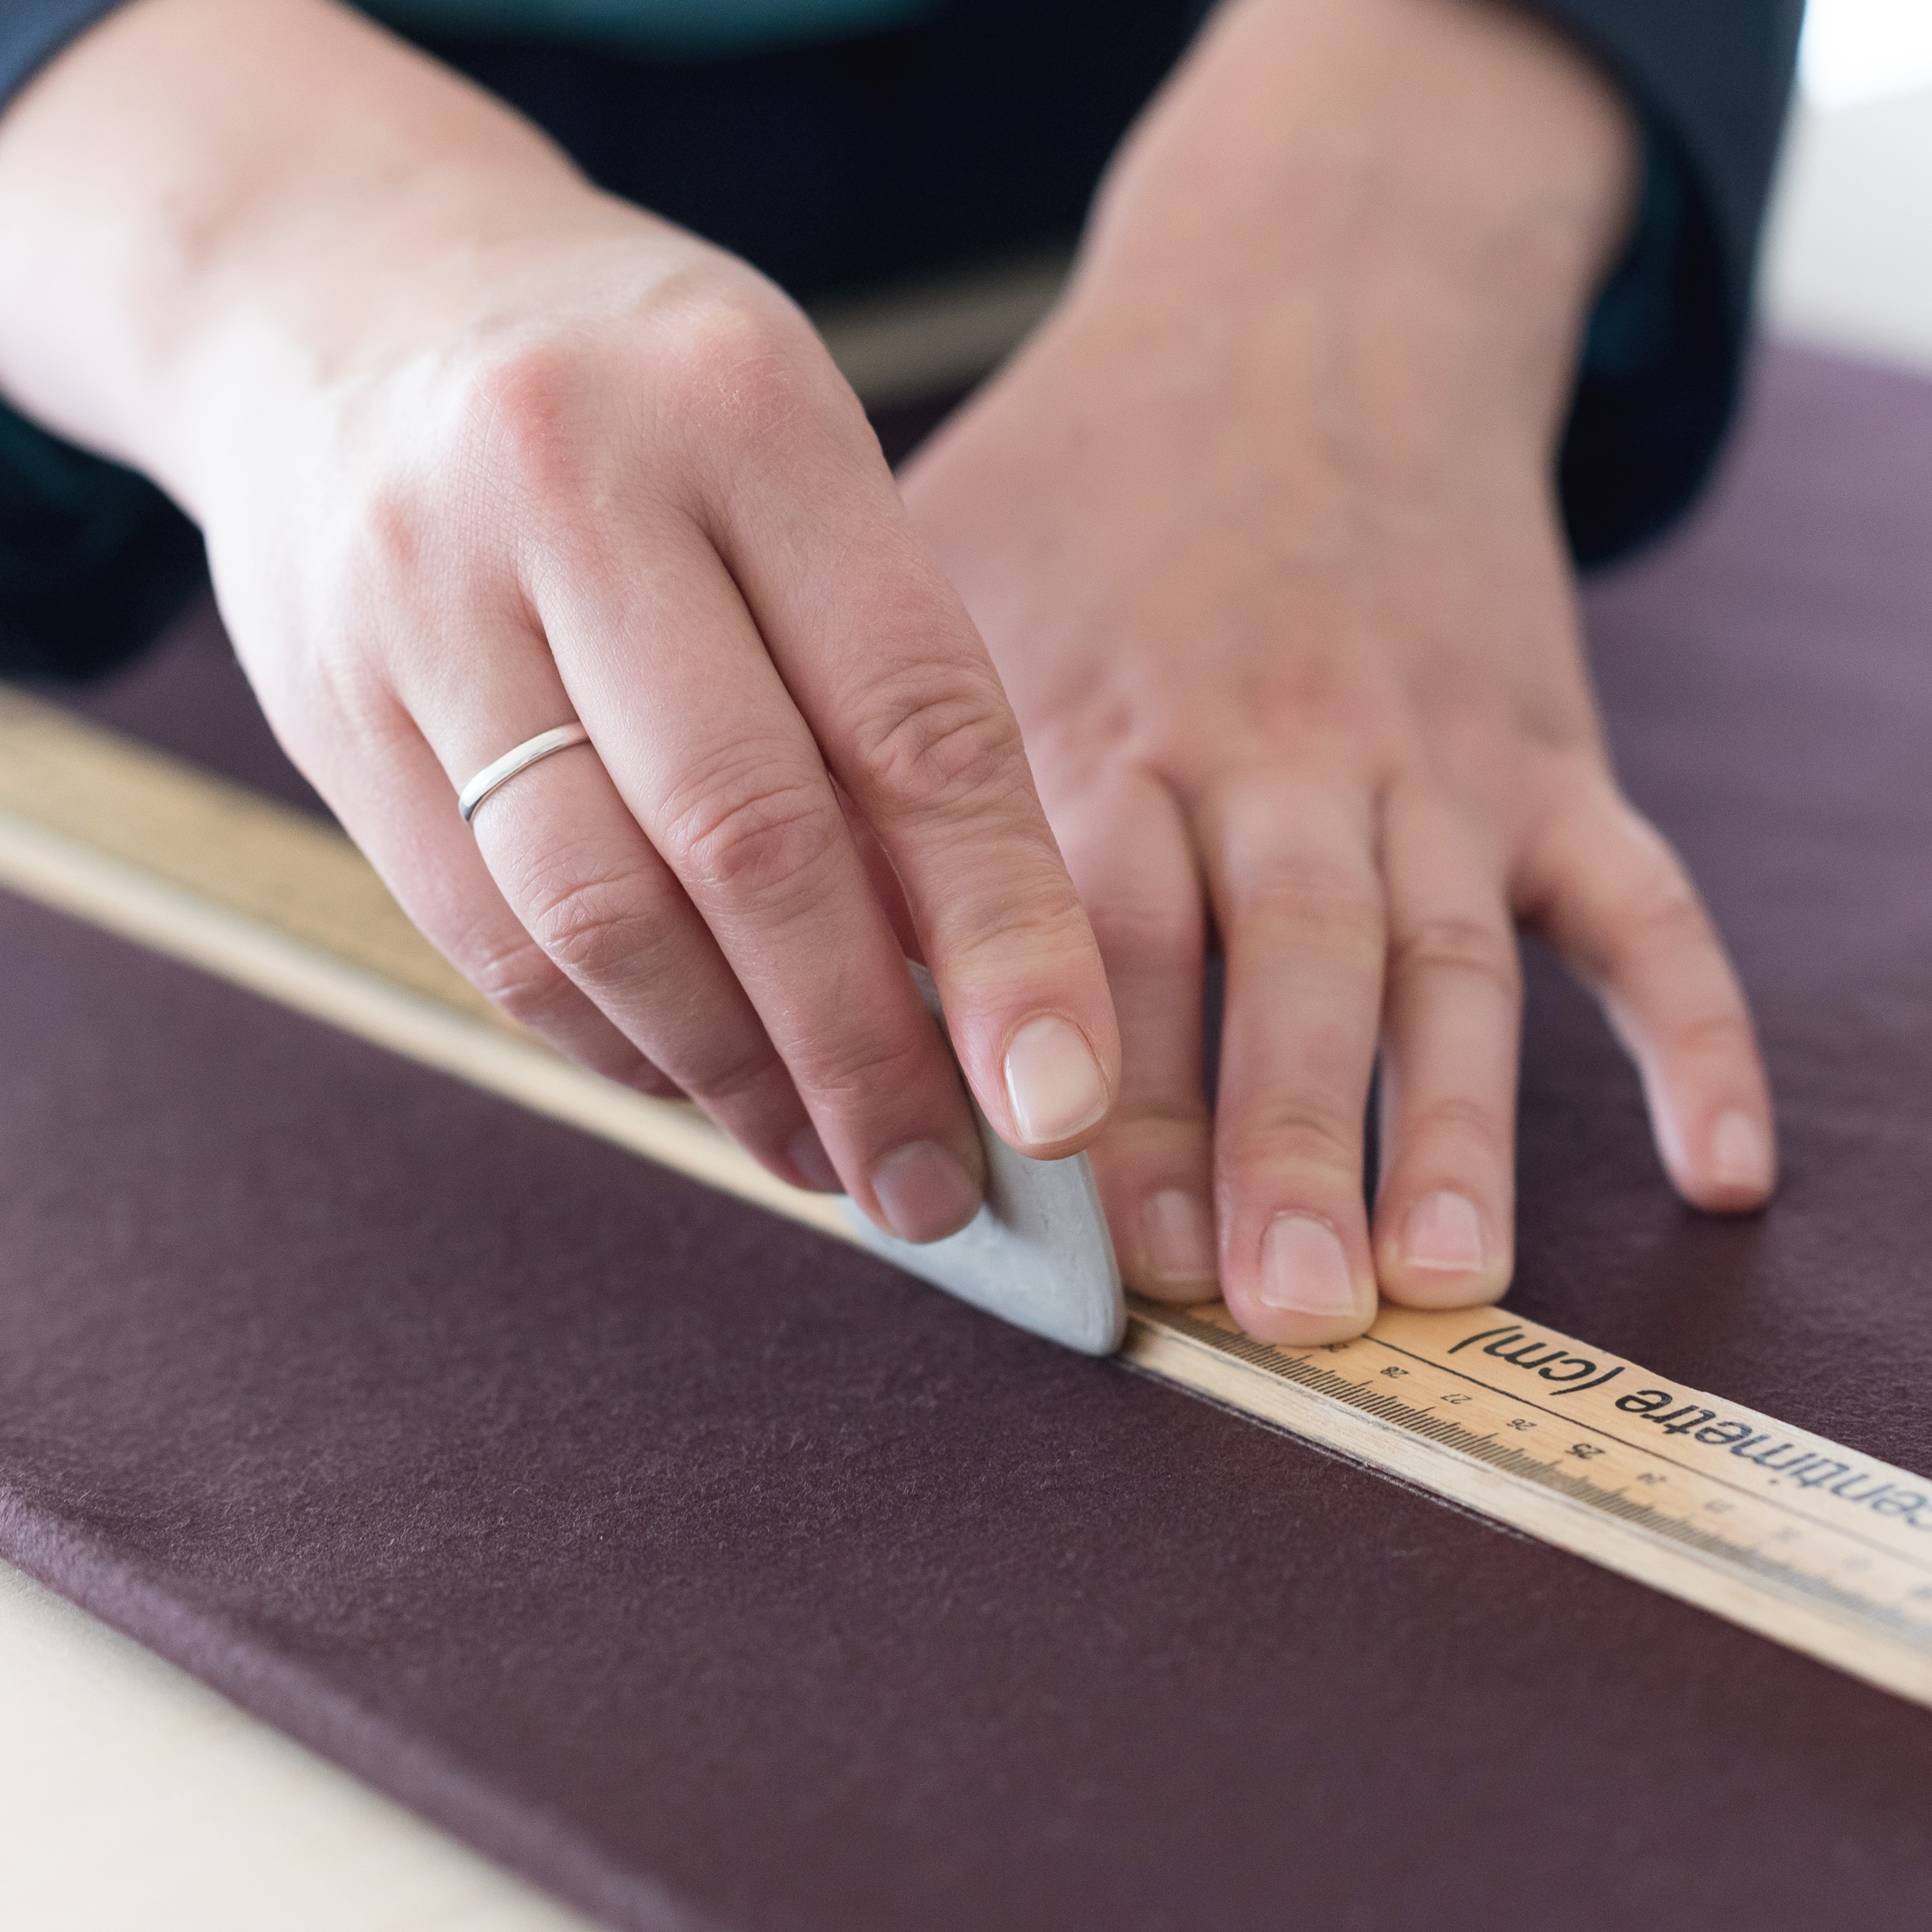 pattern cutting, bespoke tailoring